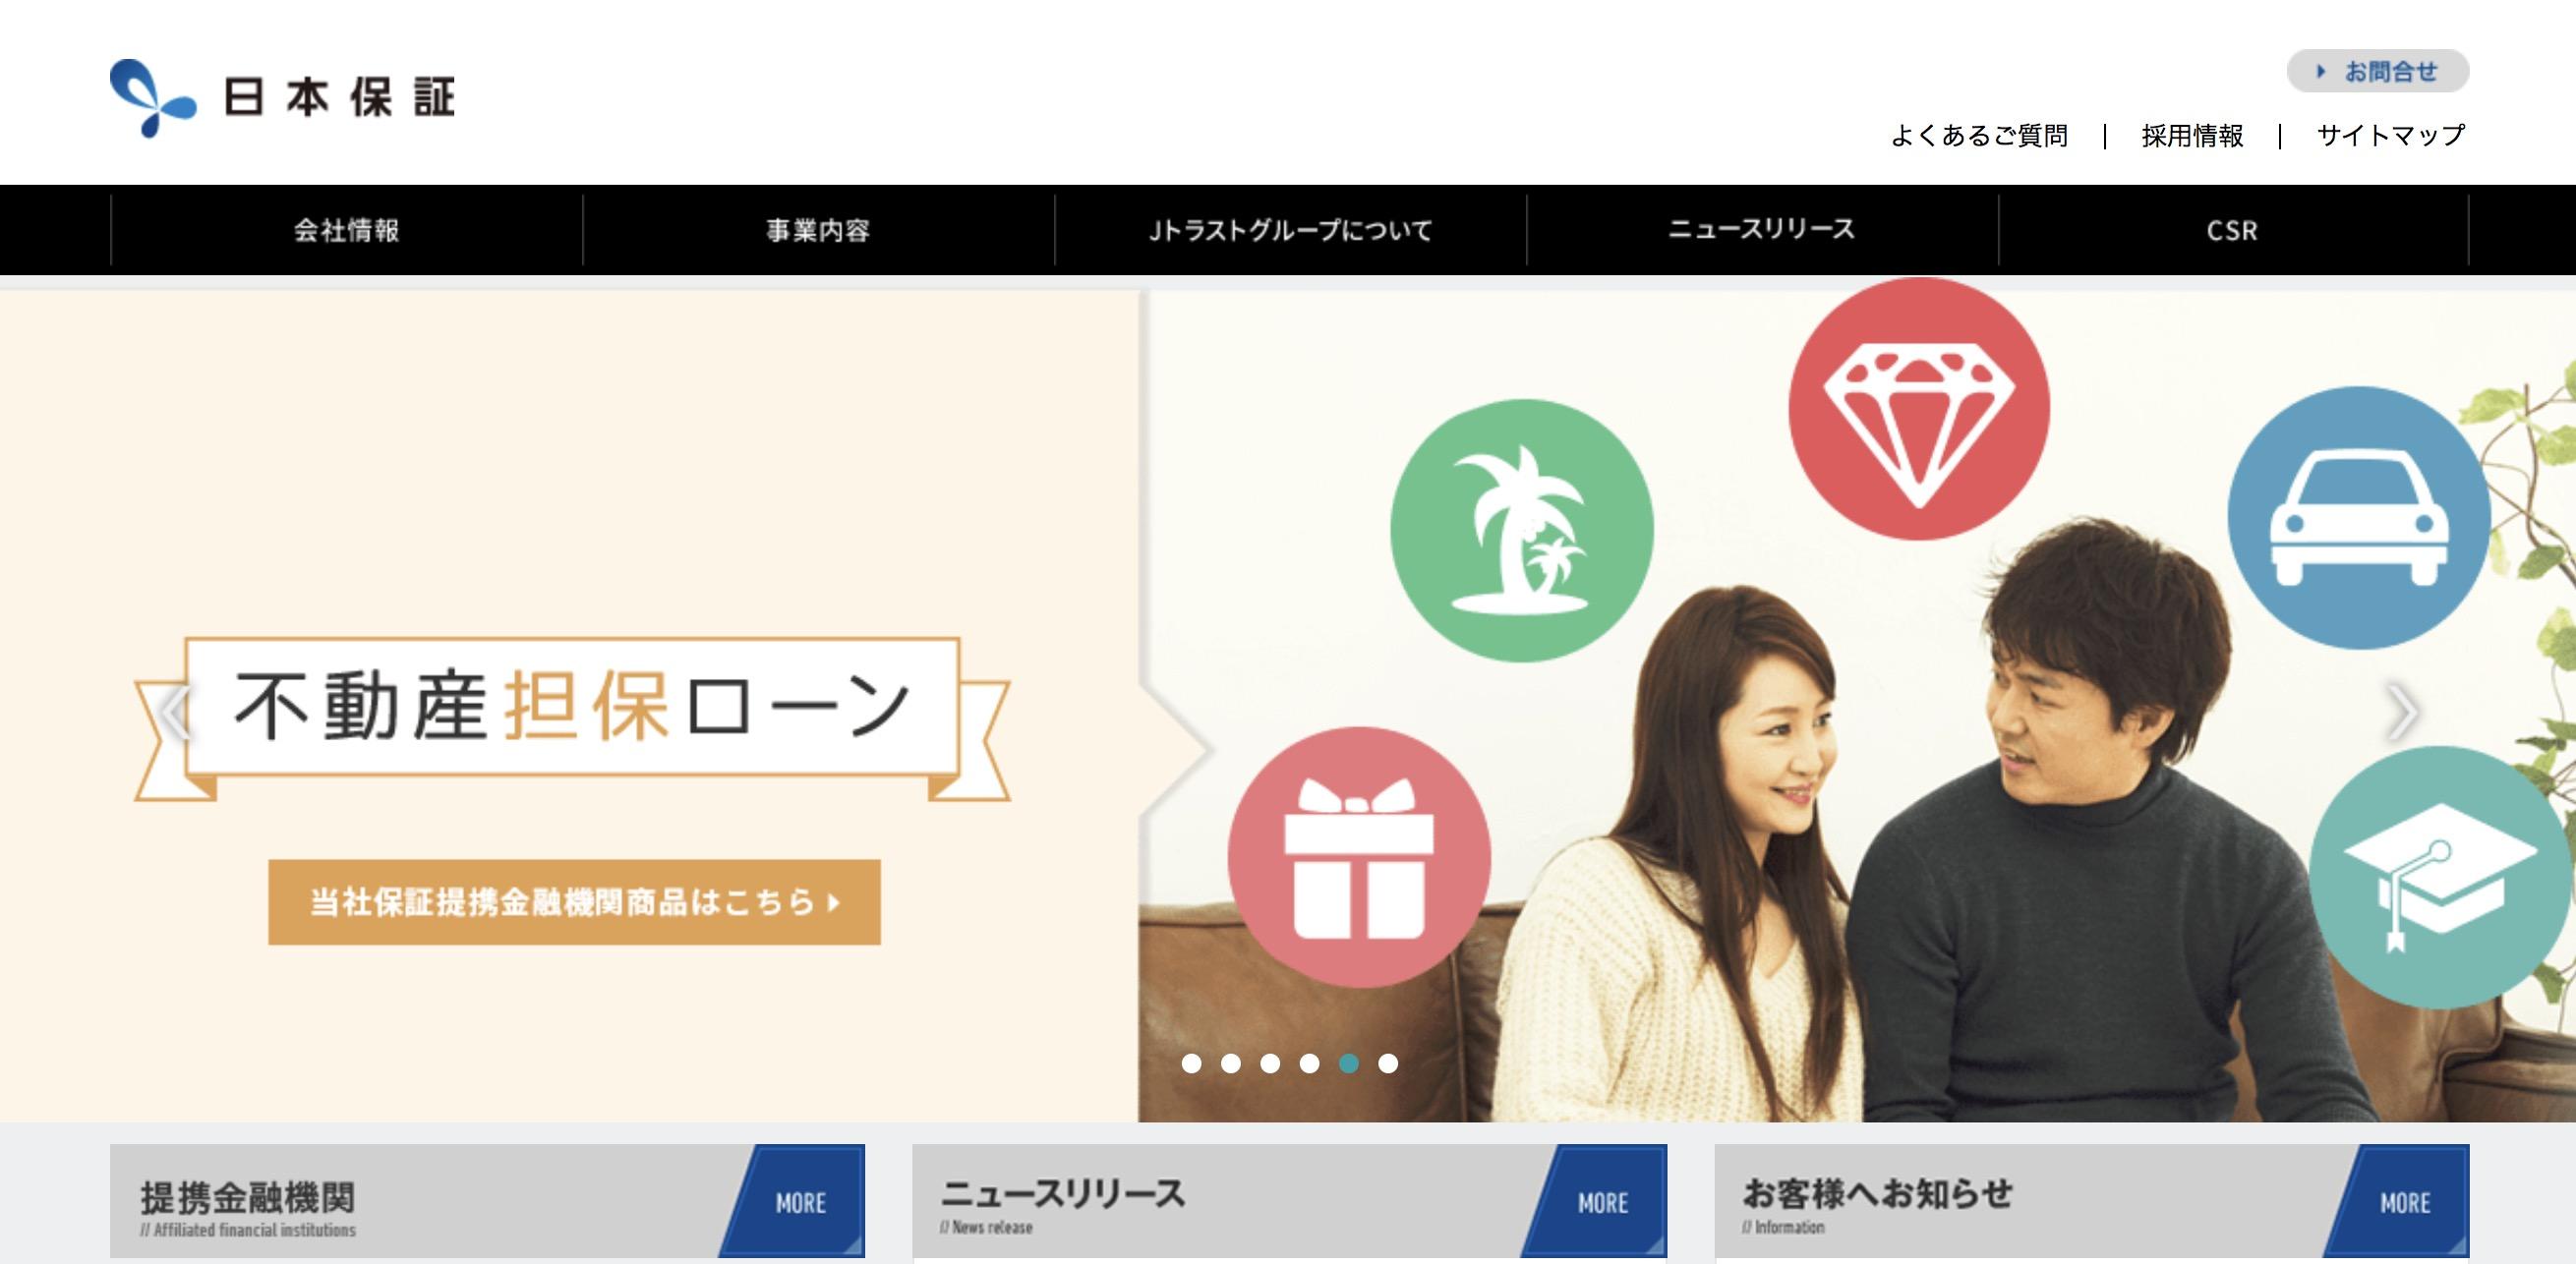 日本保証の不動産担保ローンとは?その特徴やメリット・デメリットなどを徹底解説!